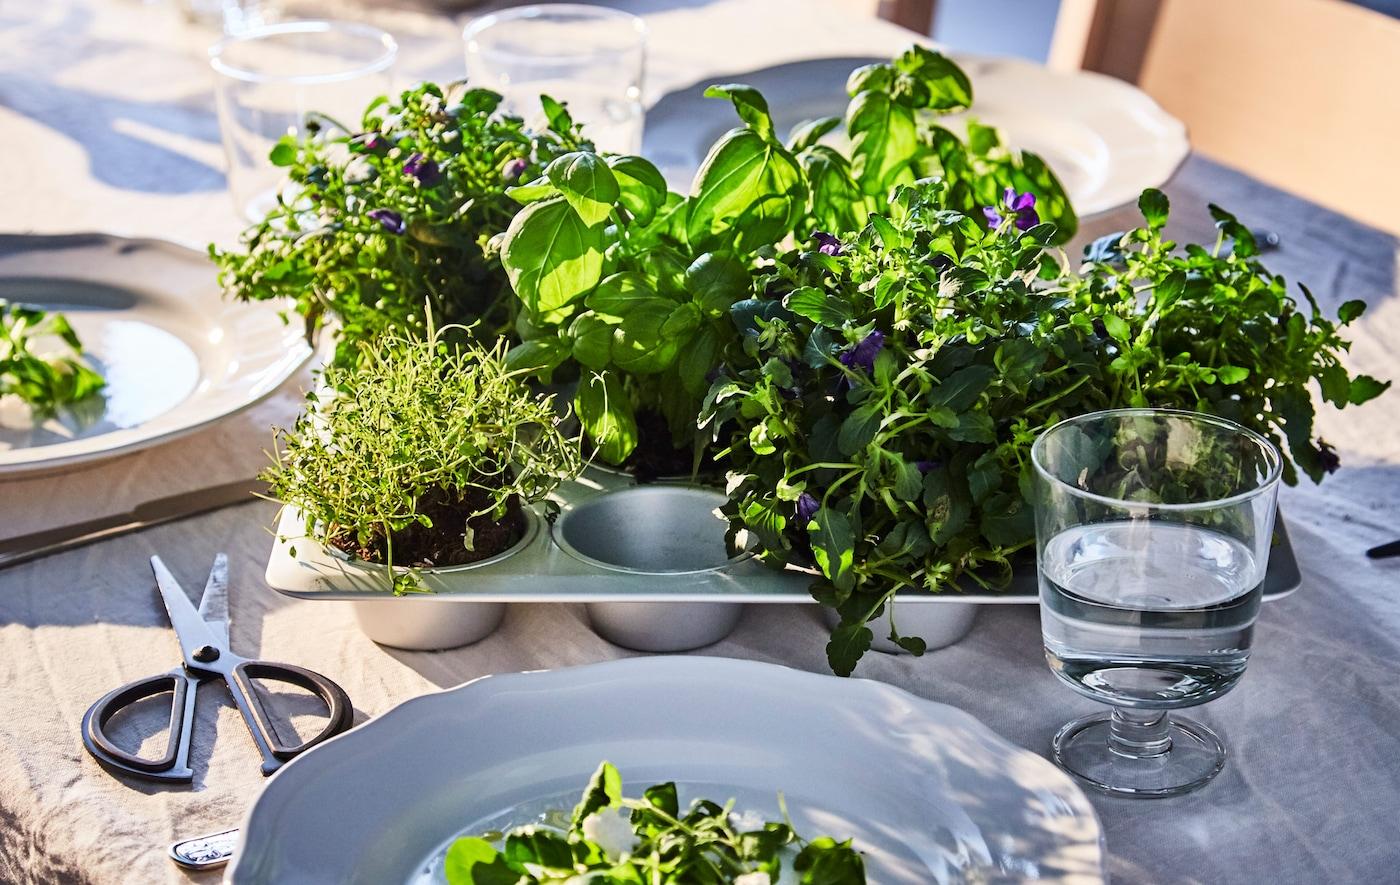 Uno stampo per dolci su un tavolo da pranzo usato come vaso per diverse piantine aromatiche - IKEA.